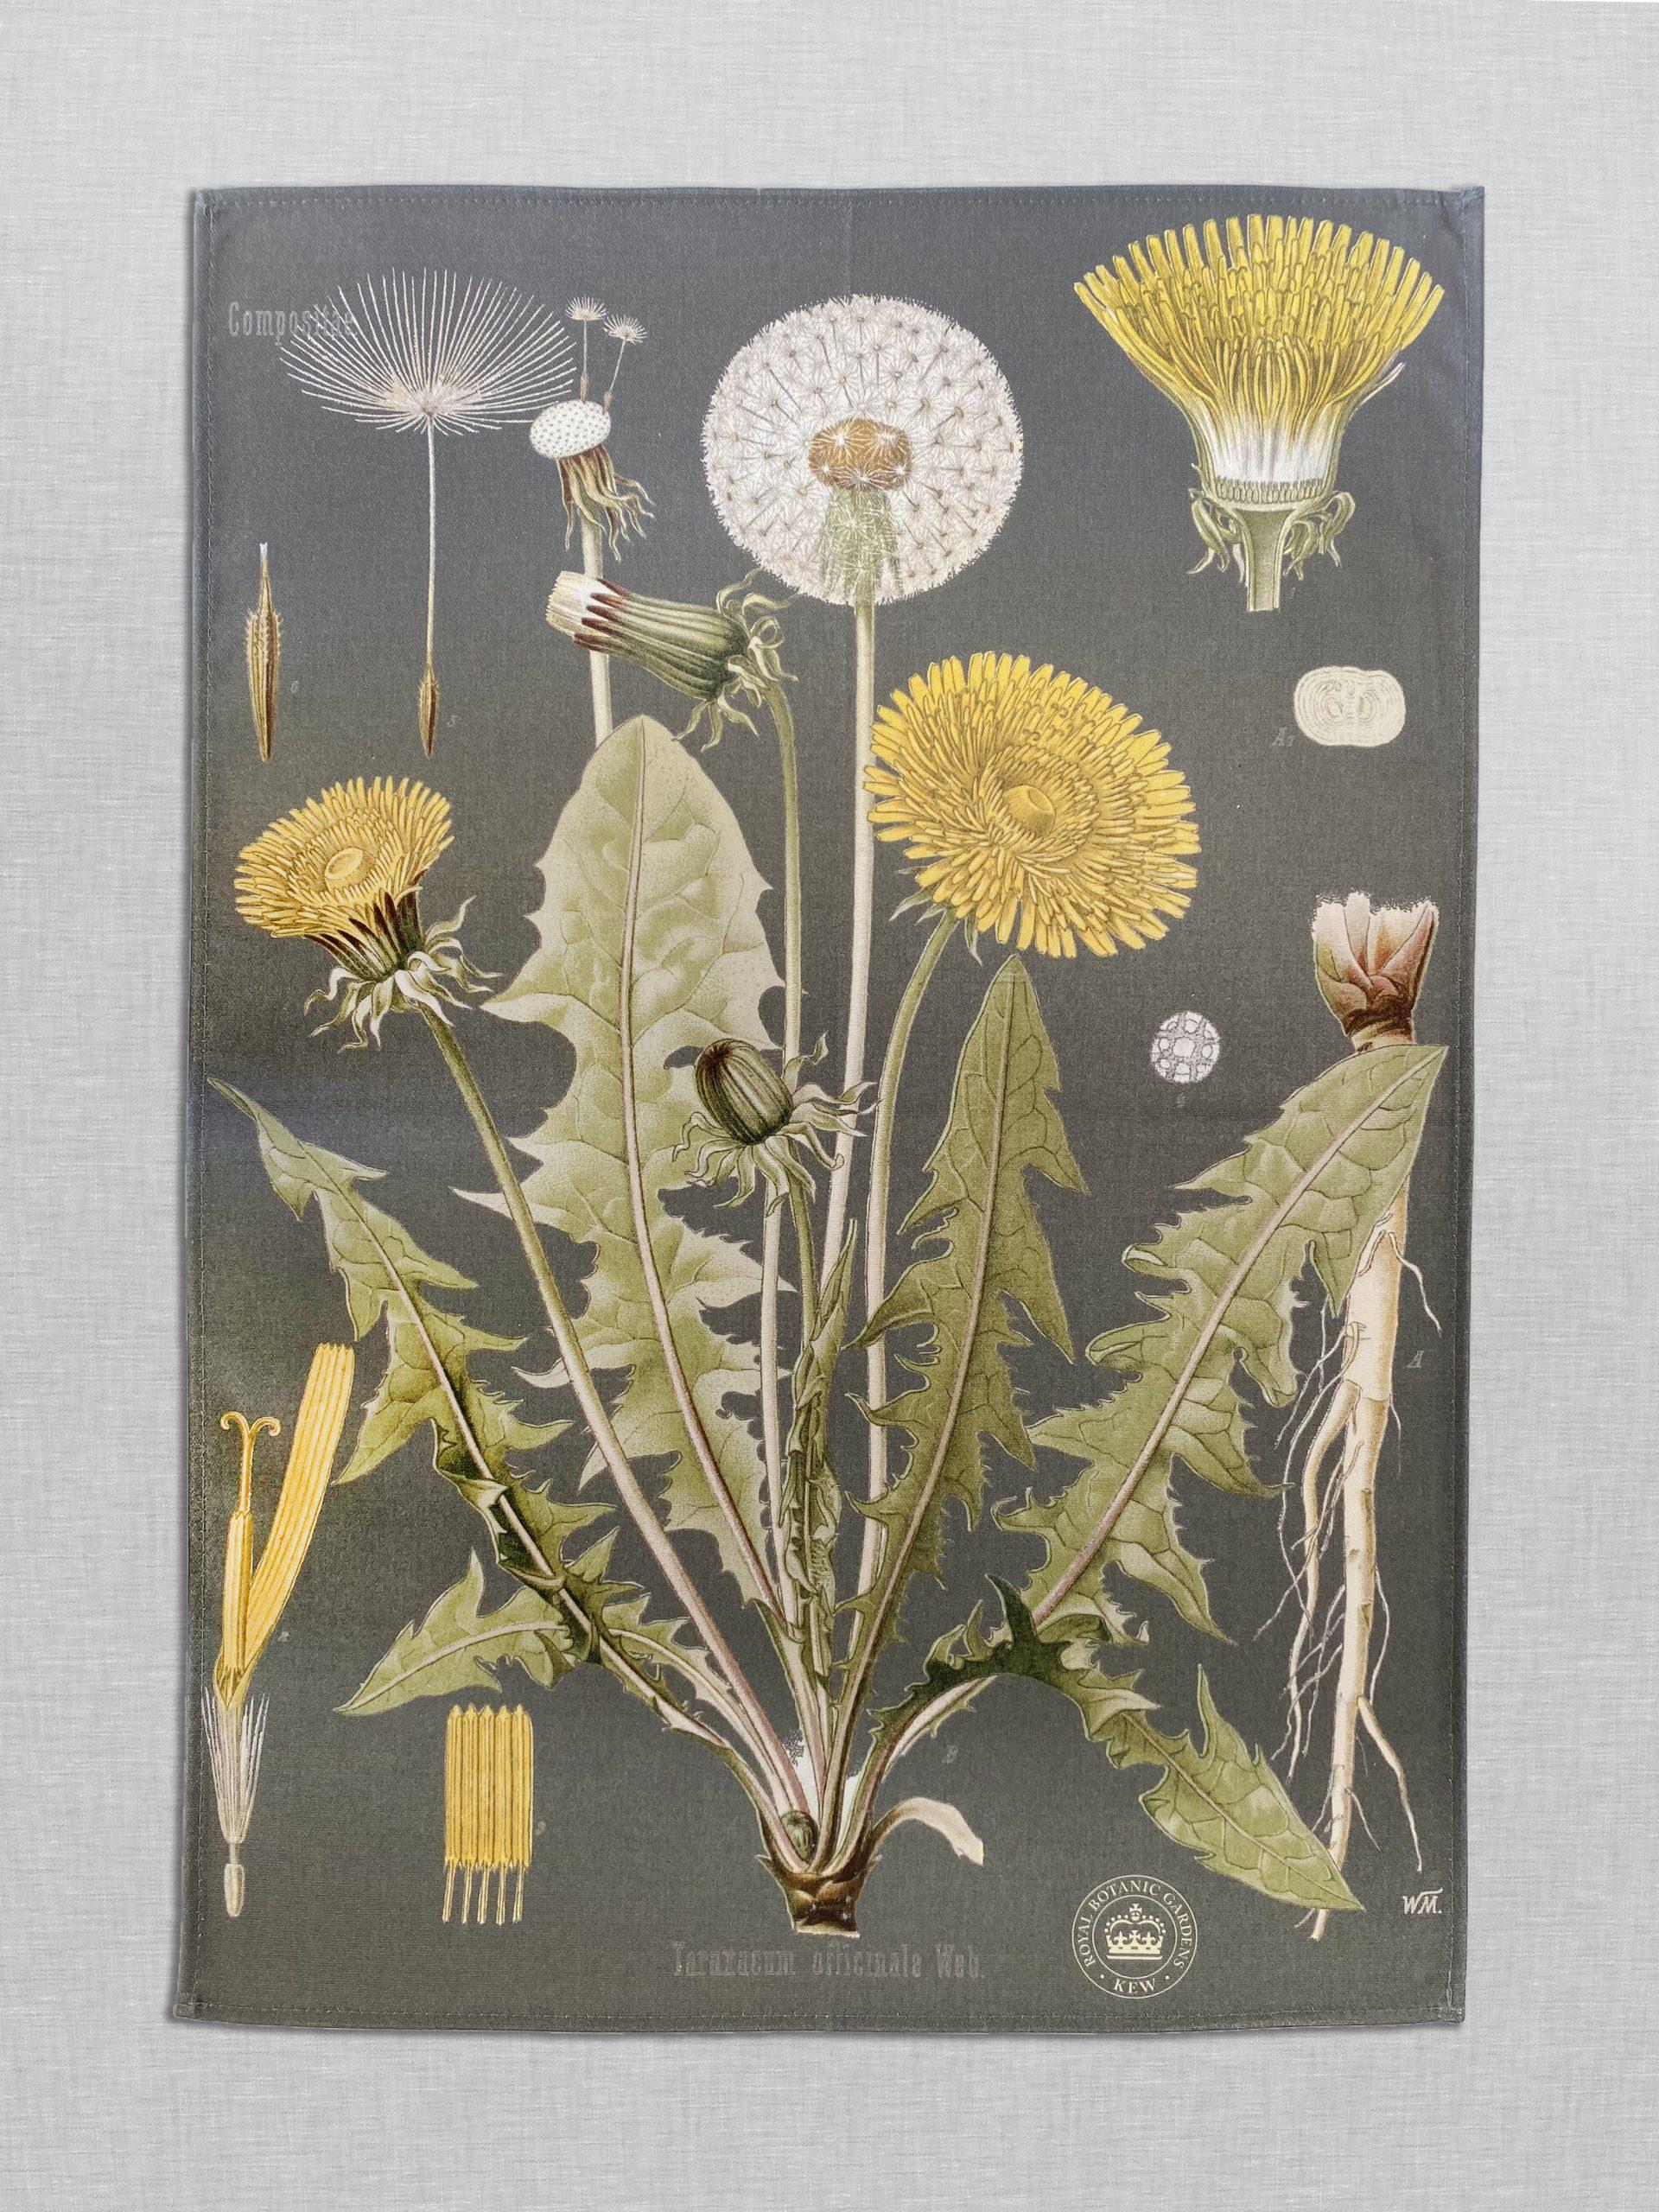 Kew Seeds Bespoke Printed Tea Towel